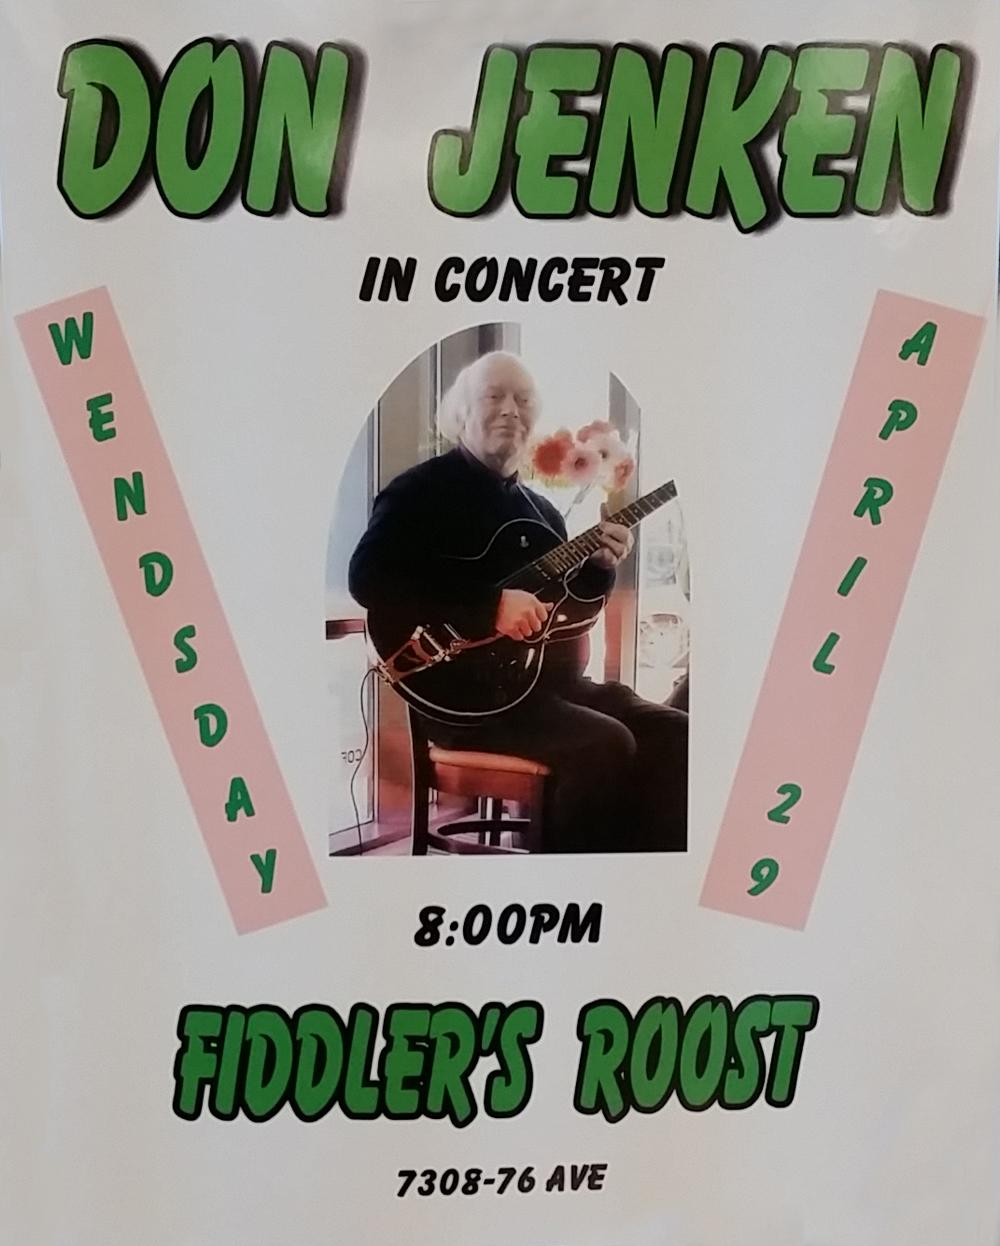 Don Jenken